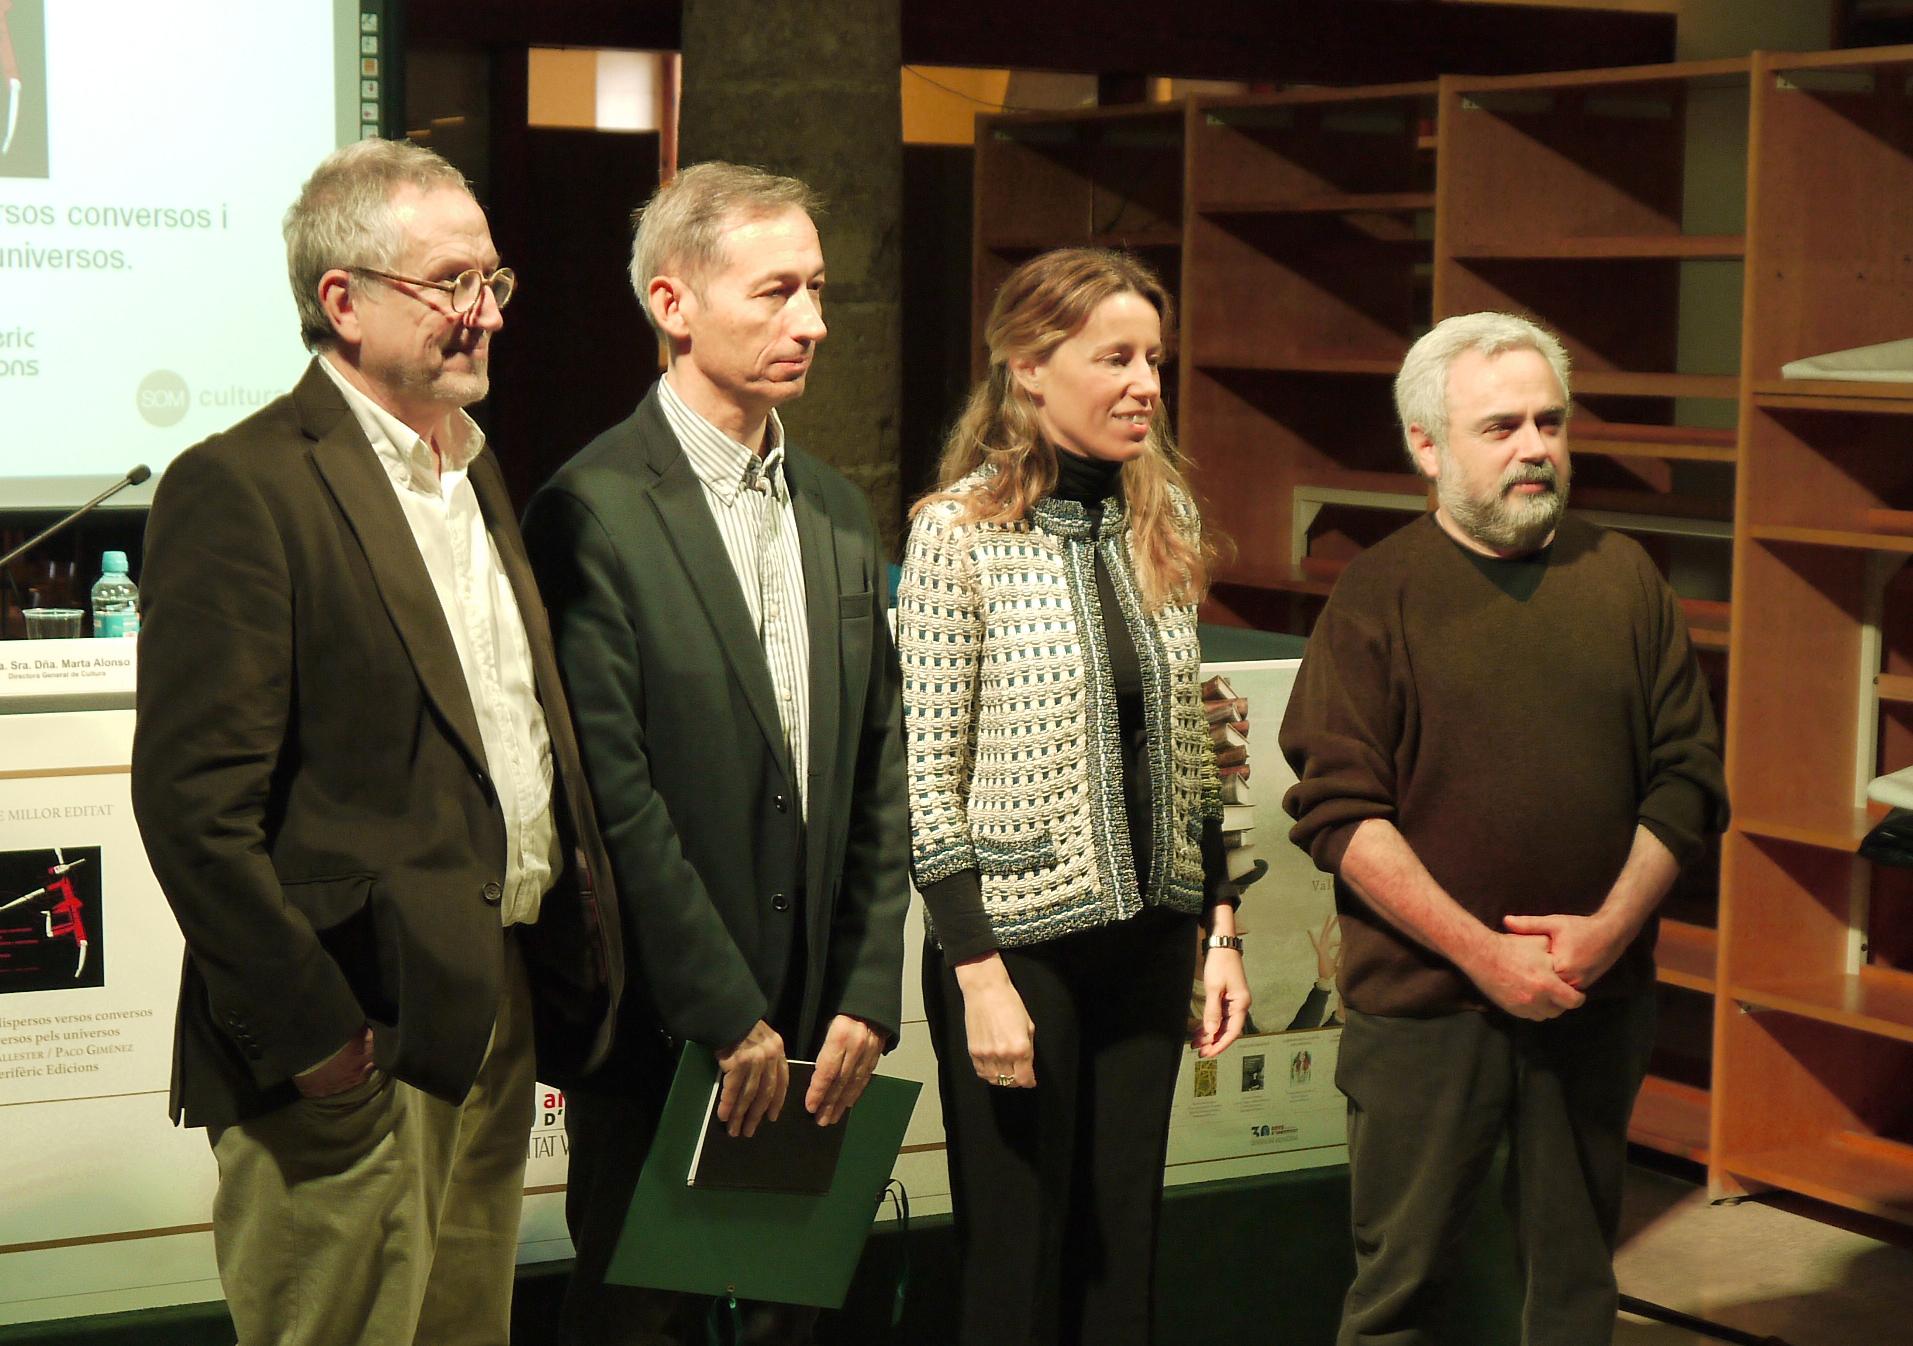 Premi al llibre millor editat de 2013. Acte de lliurament. Figuerola, Ballester, Climent, Giménez. Figuerola, Ballester, Climent, Giménez